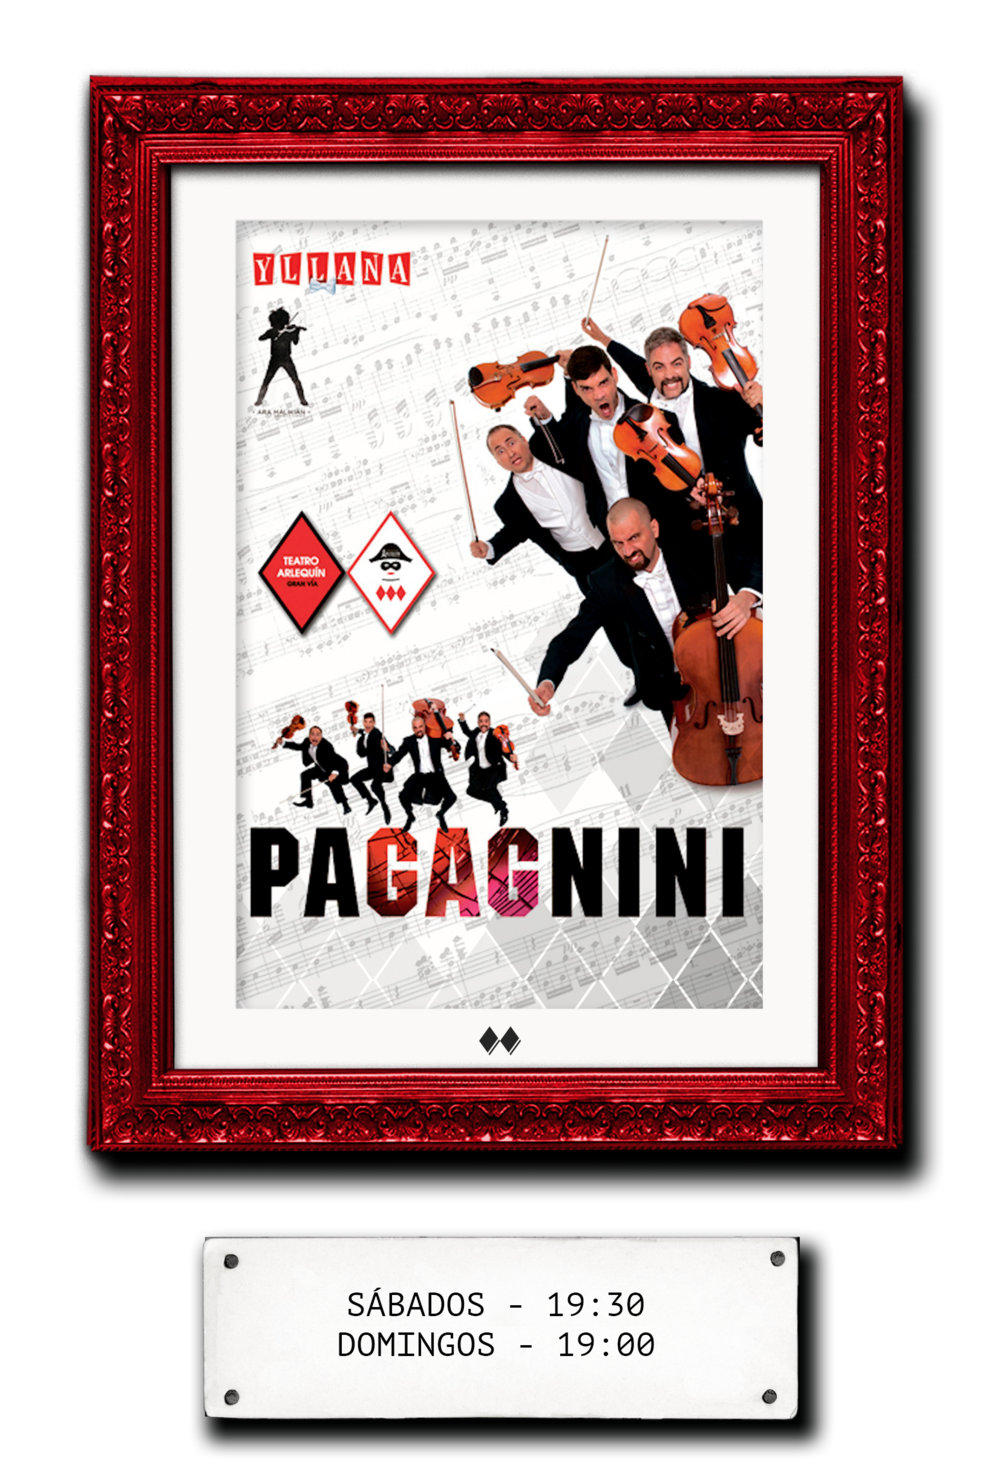 cuadro-pagagnini-yllana-concierto-cuerda-clown-comedia-madrid-teatro-arlequin-gran-via-comprar-ebtradas.png